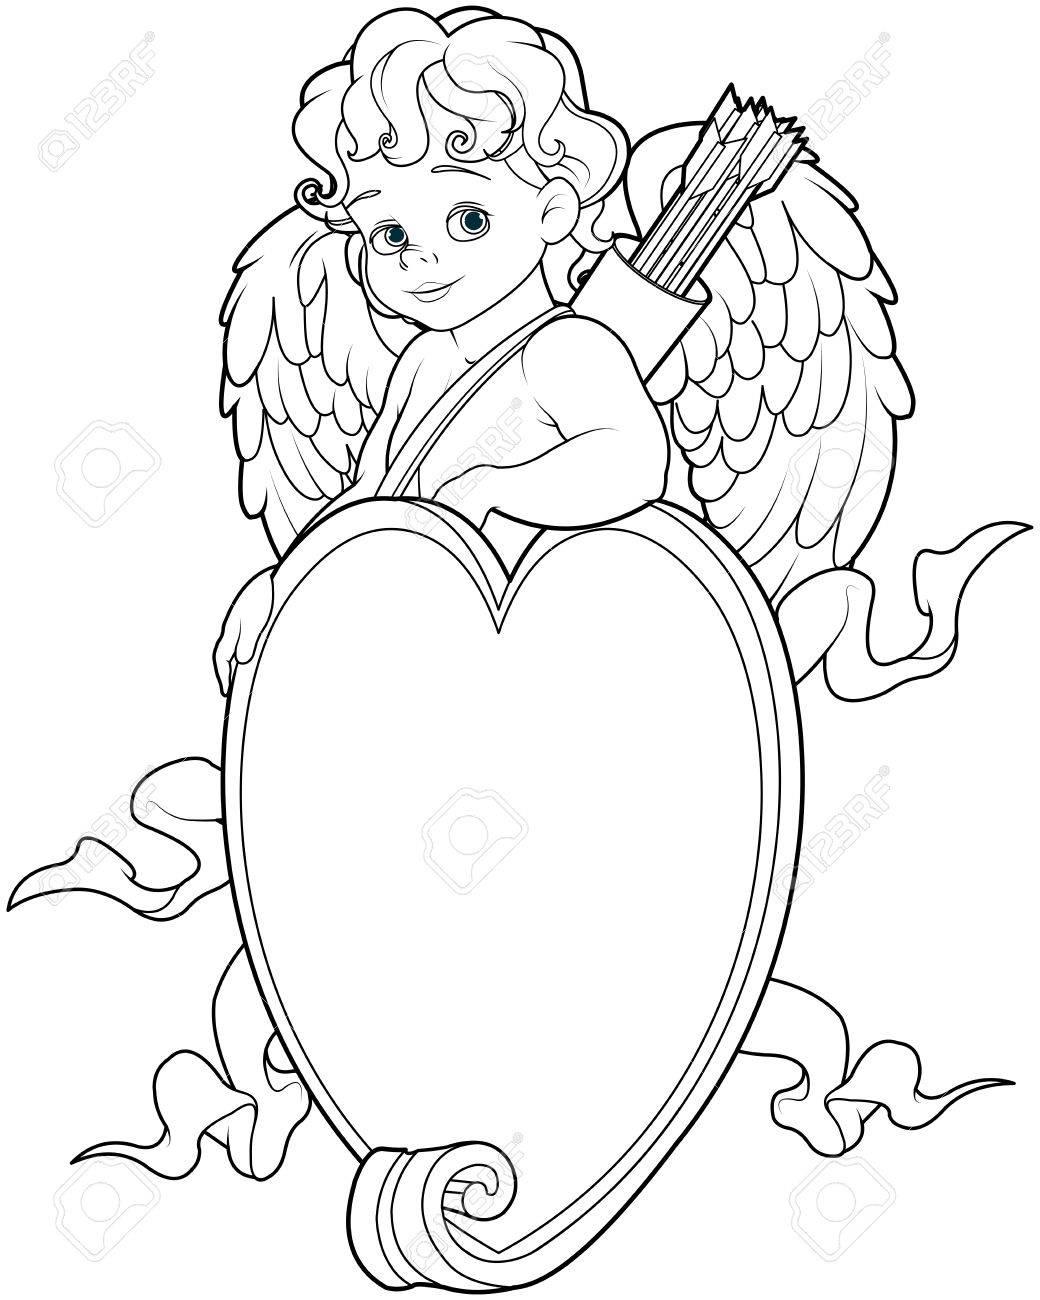 Dibujo Para Colorear De Cupido Bebé Sobre Una Muestra En Forma De ...